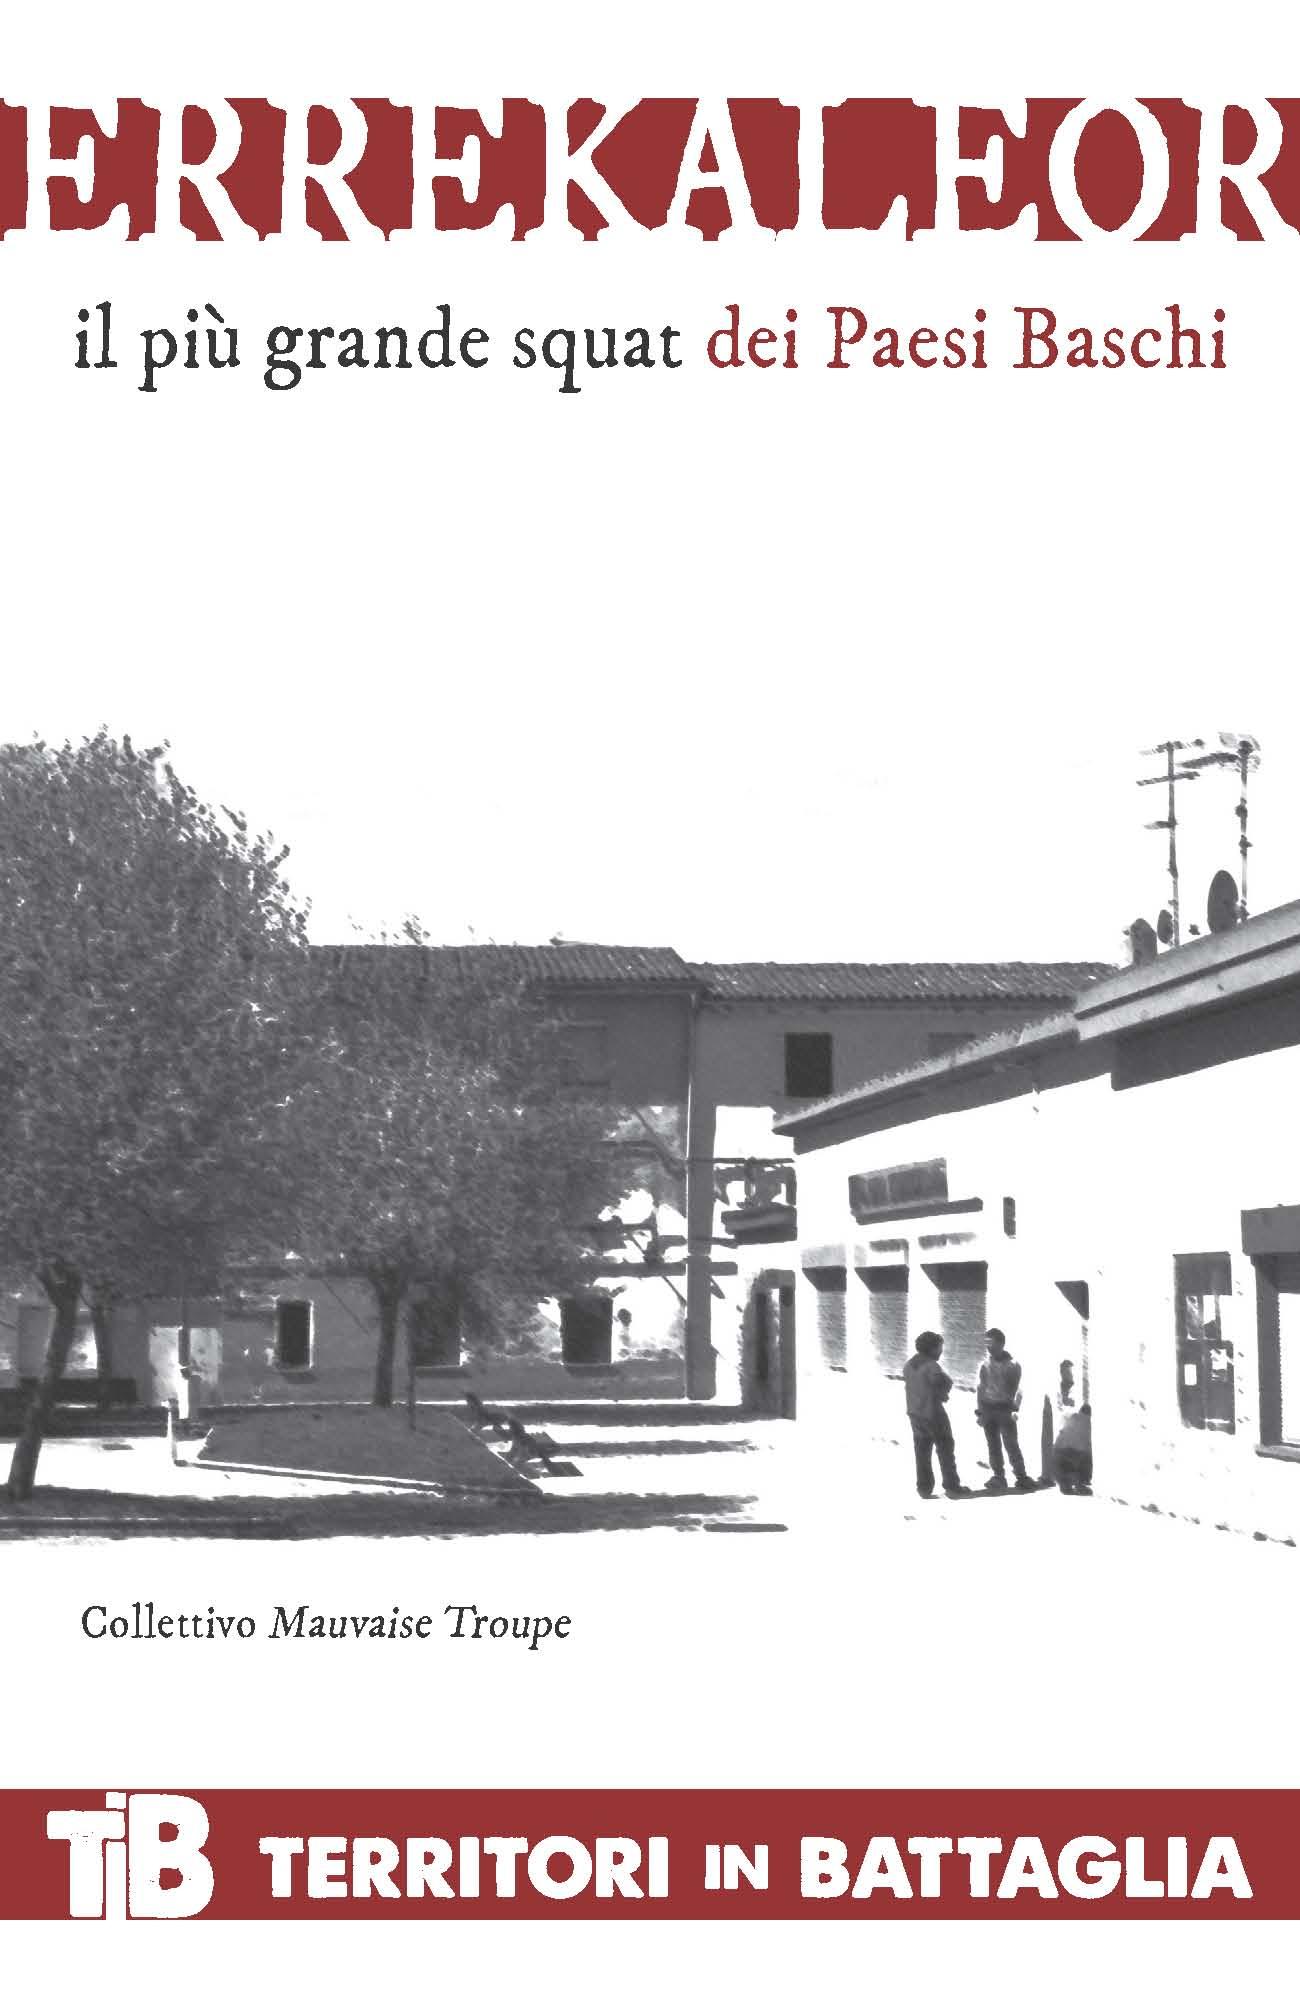 ERREKALEOR. Il più grande squat dei Paesi Baschi Book Cover